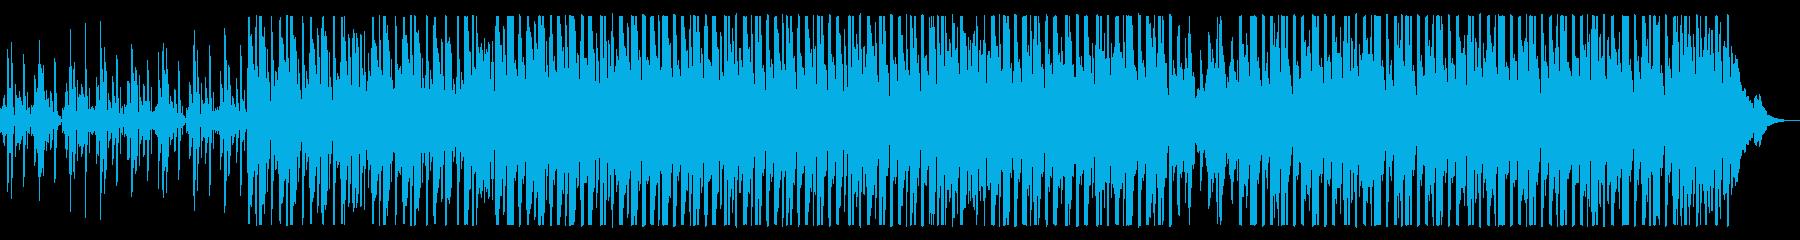 代替案 ポップ 不思議 奇妙 シン...の再生済みの波形